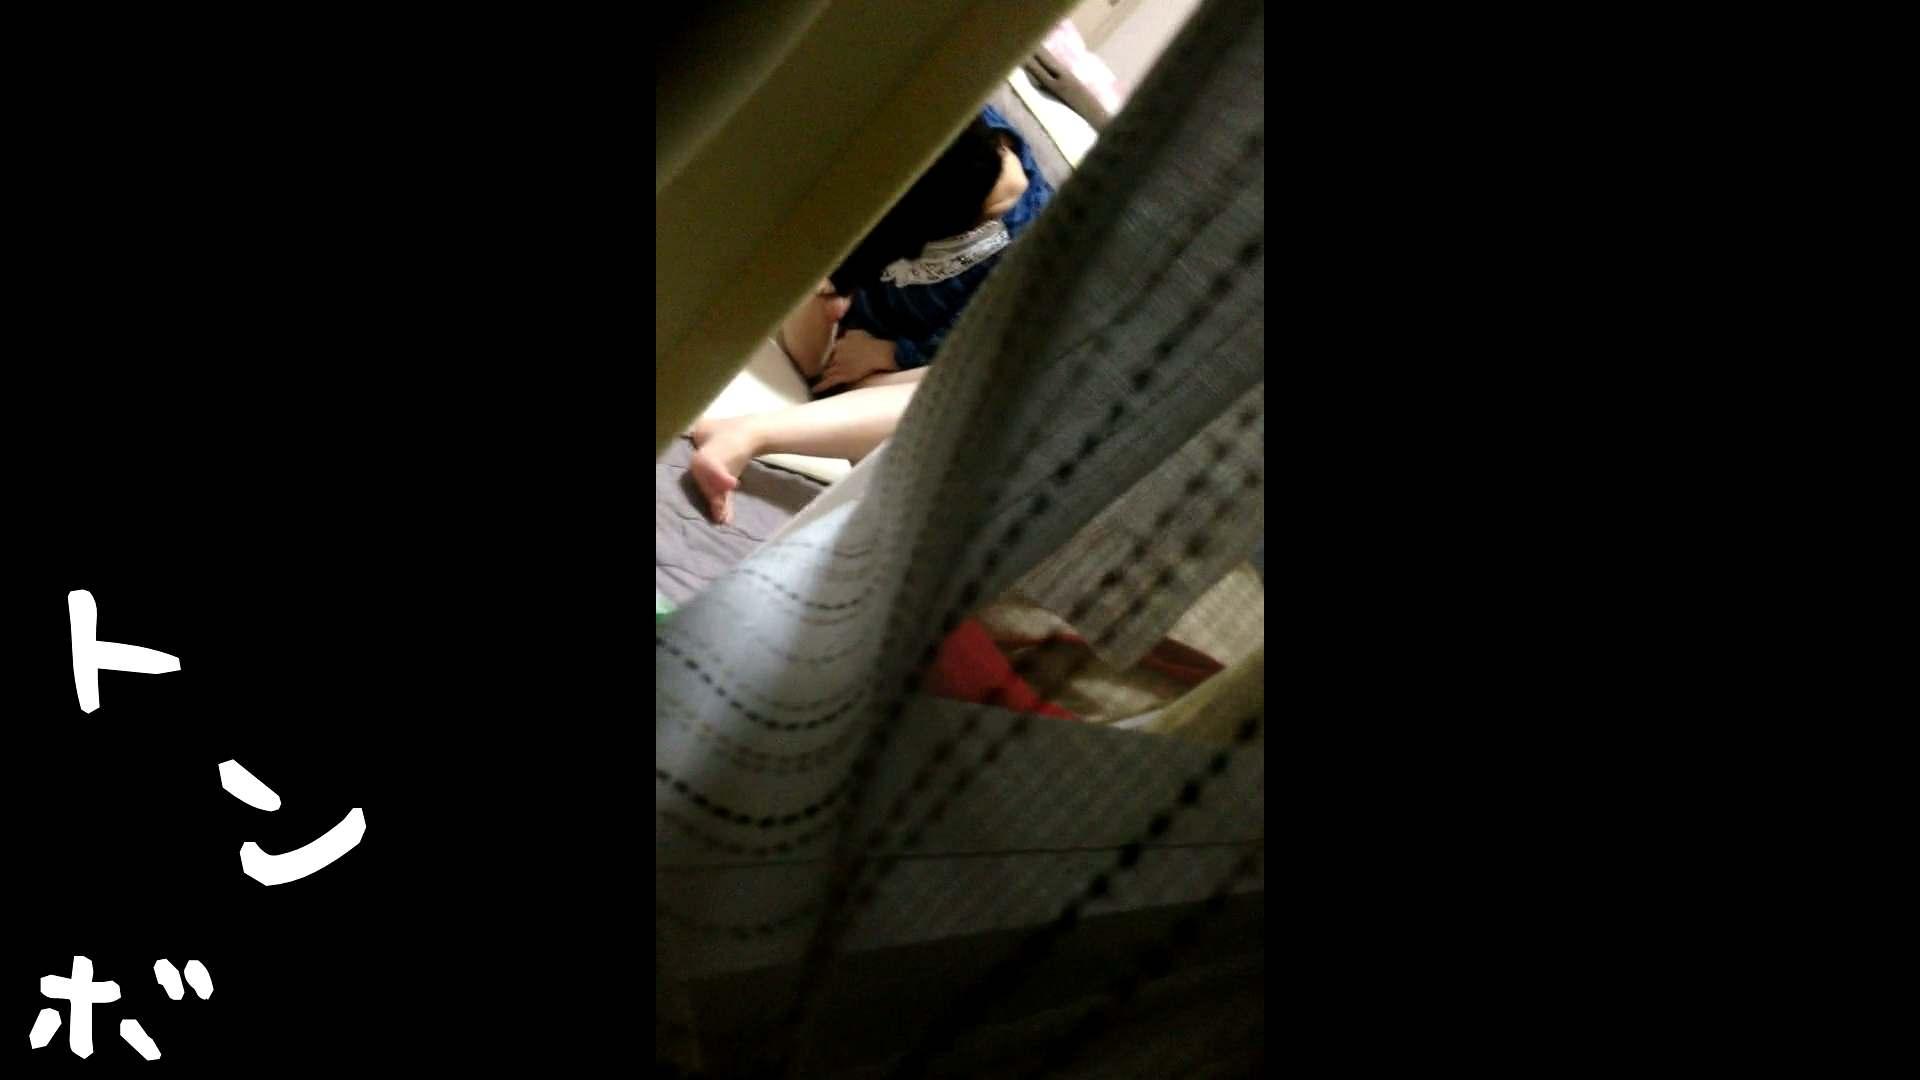 リアル盗撮 作家志望J子 アソコのお手入れ最中に感じてパンツを湿らす 盗撮 | 隠れた名作  38画像 27